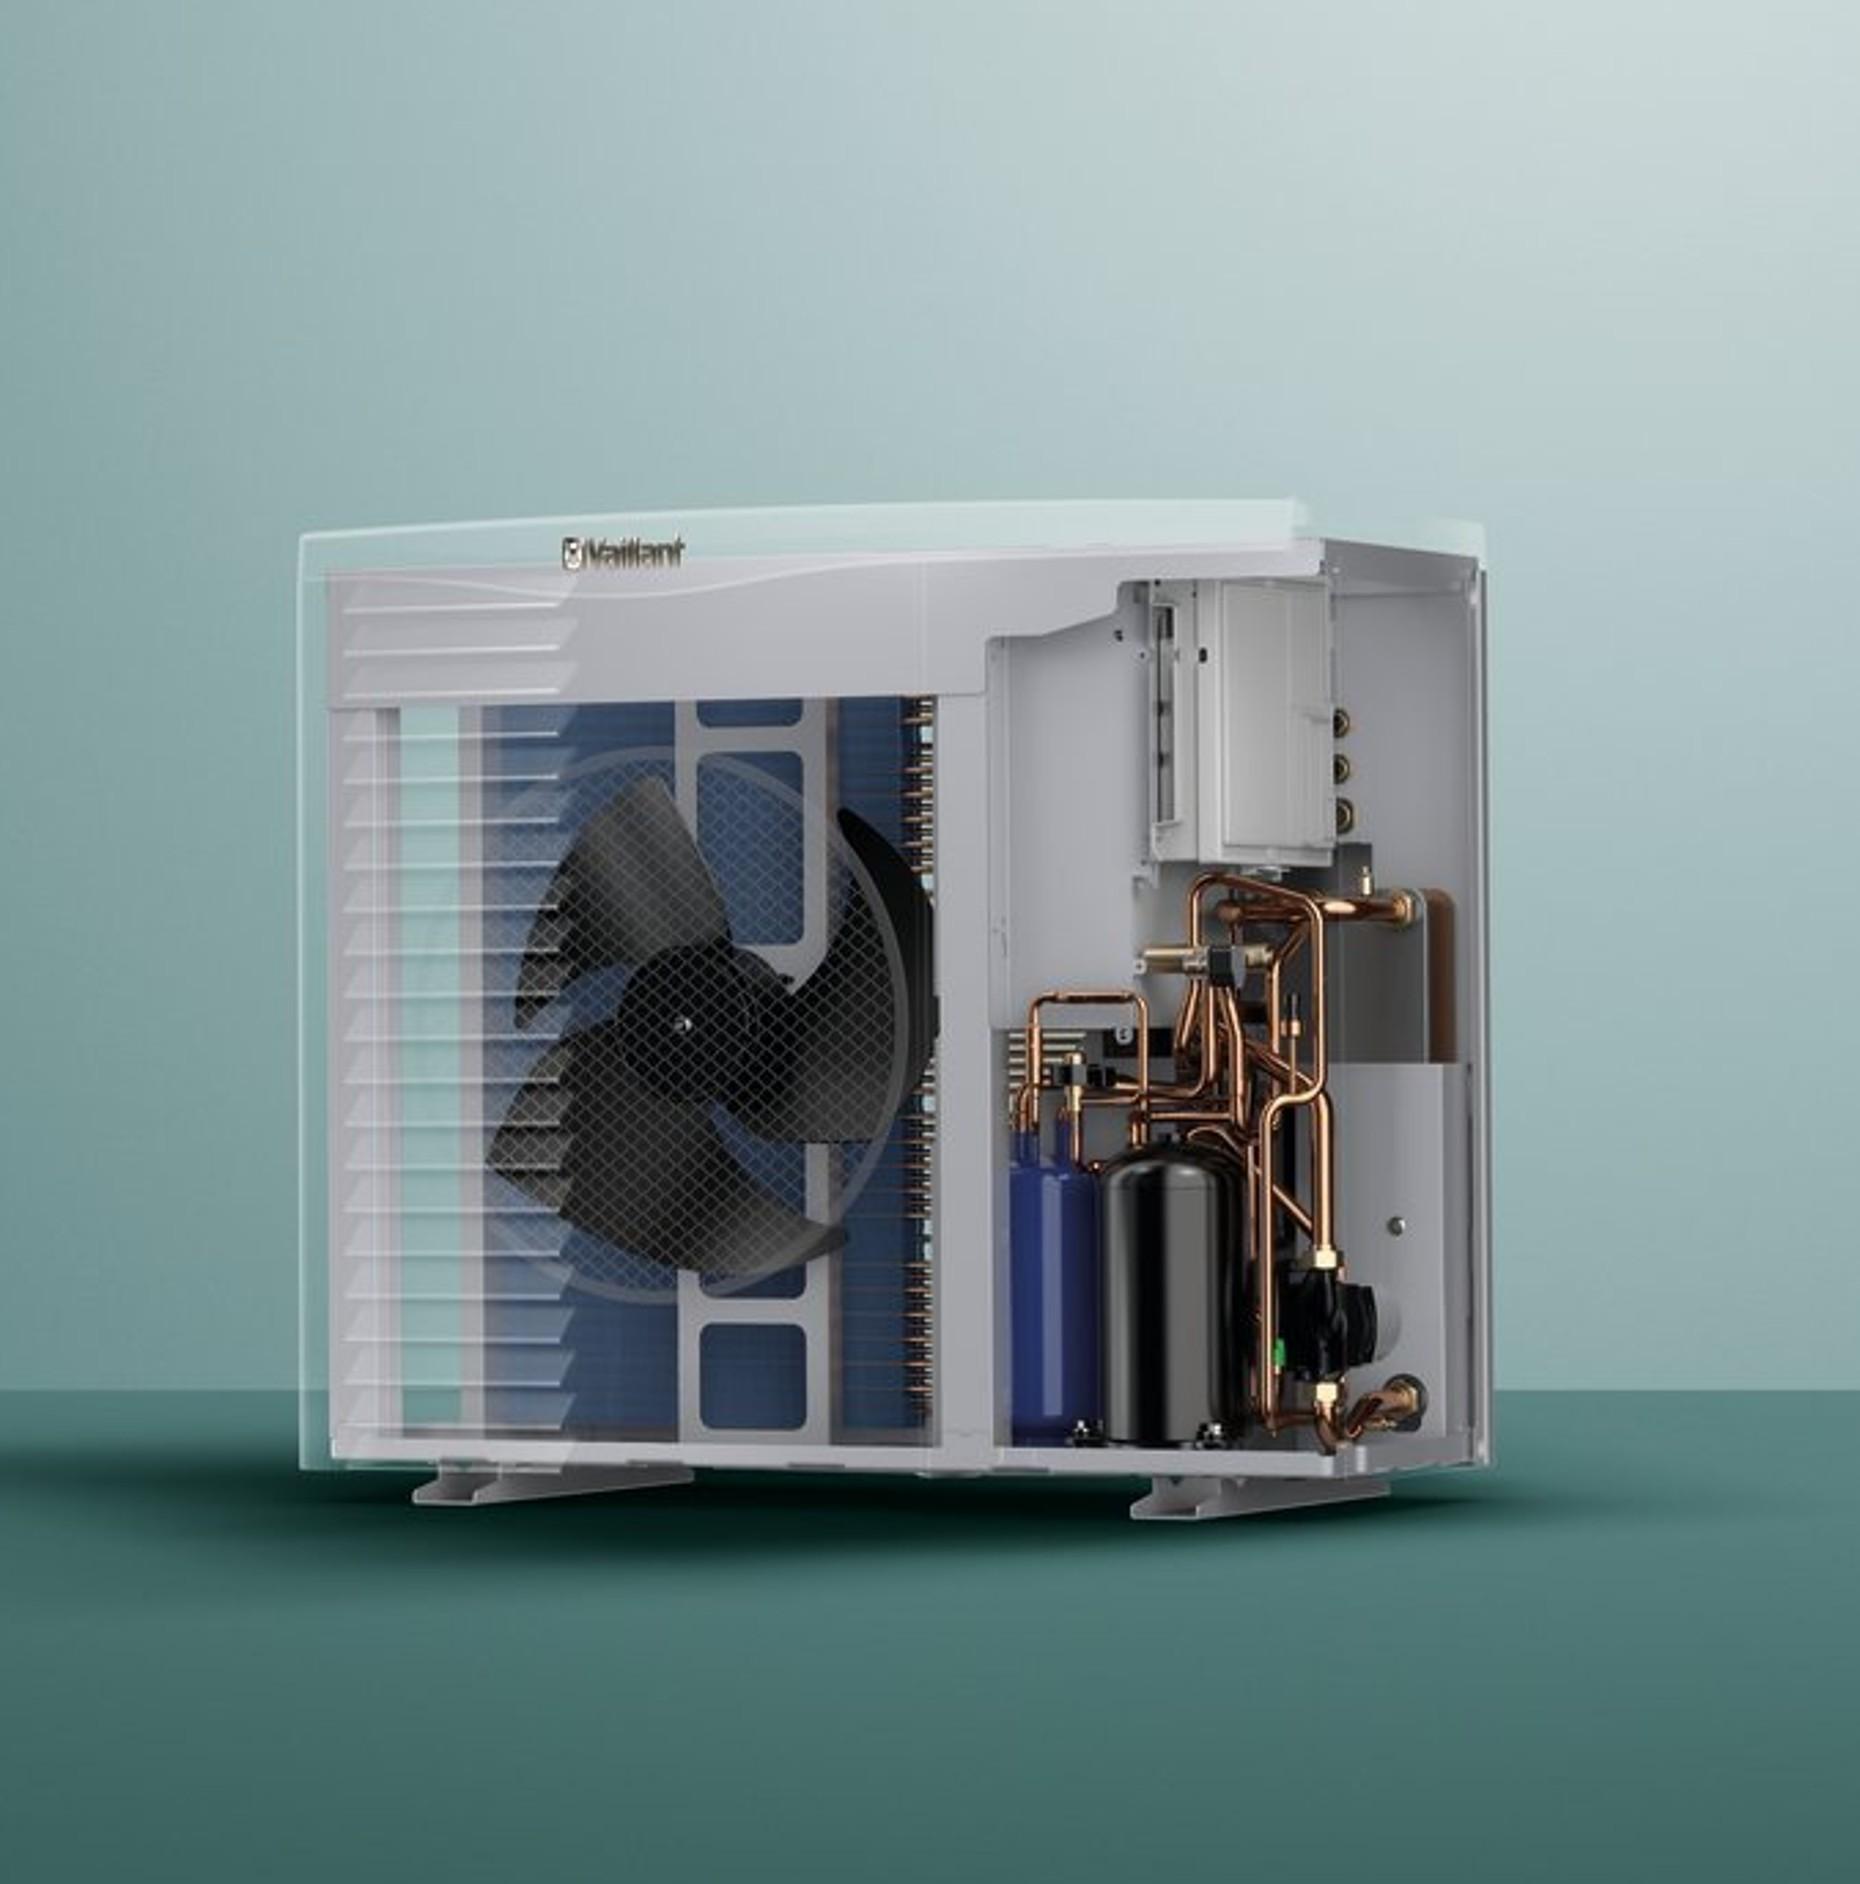 Pompe chaleur air eau arotherm vwl vaillant - Pompe a chaleur air eau monobloc ...